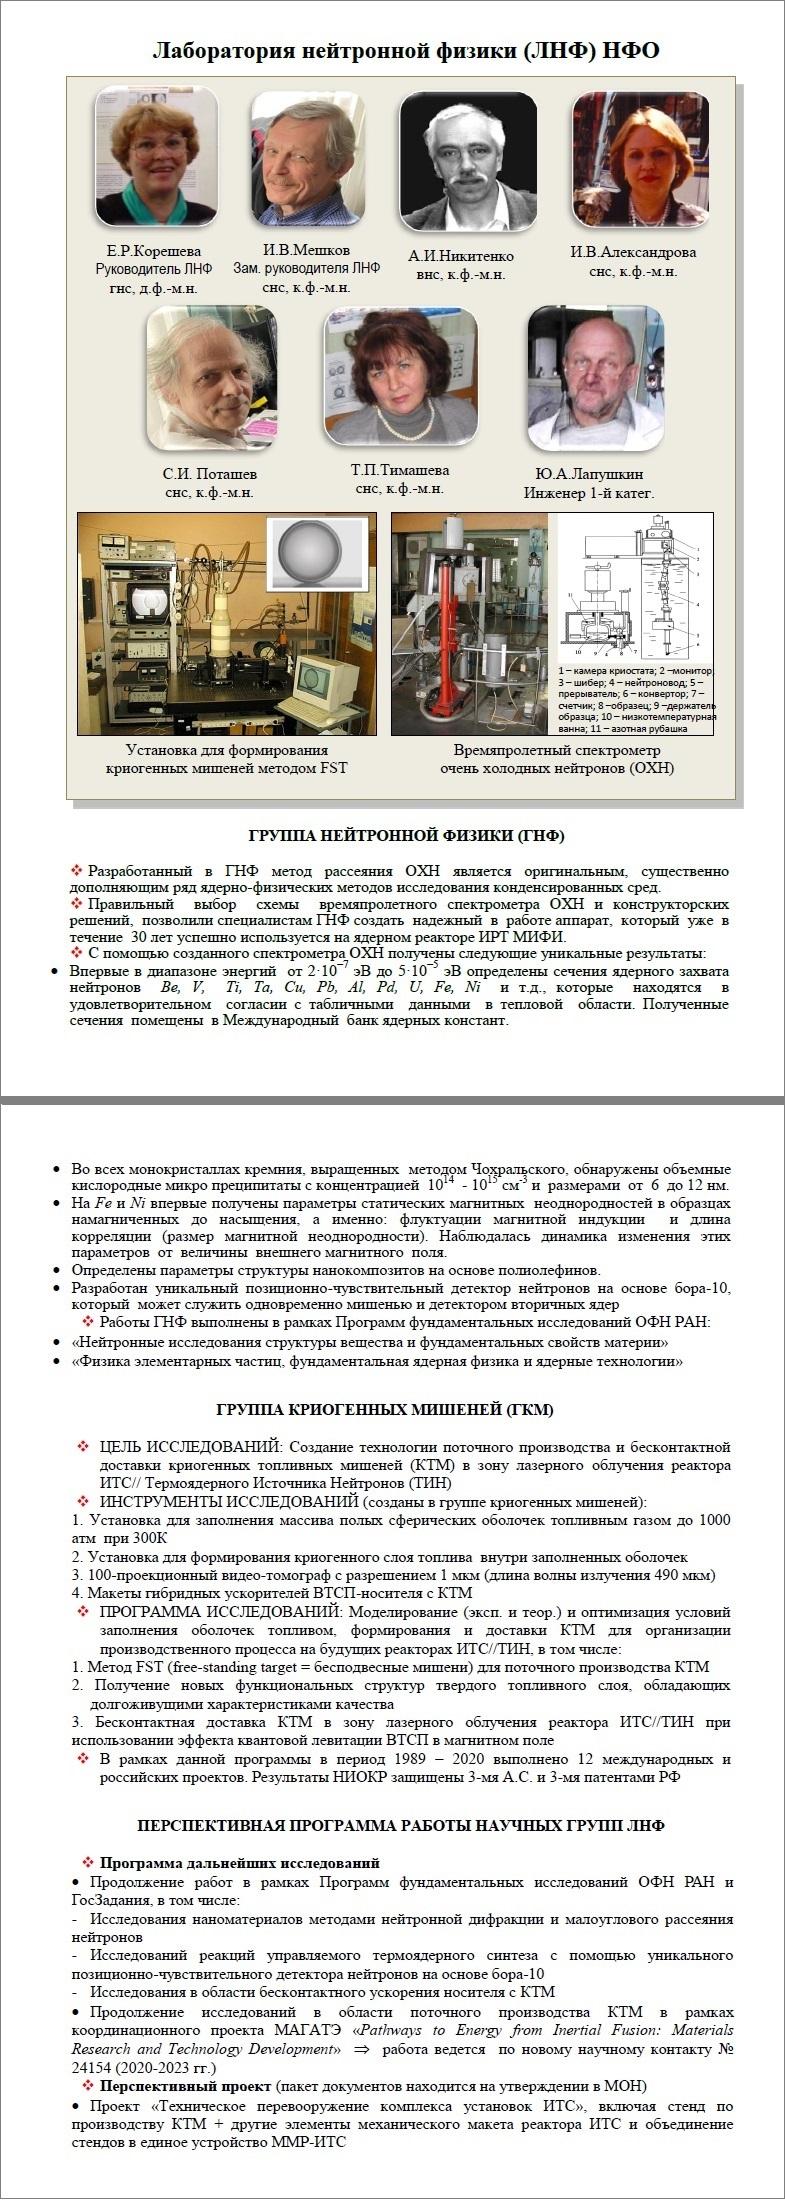 ЛНФ Общая информация